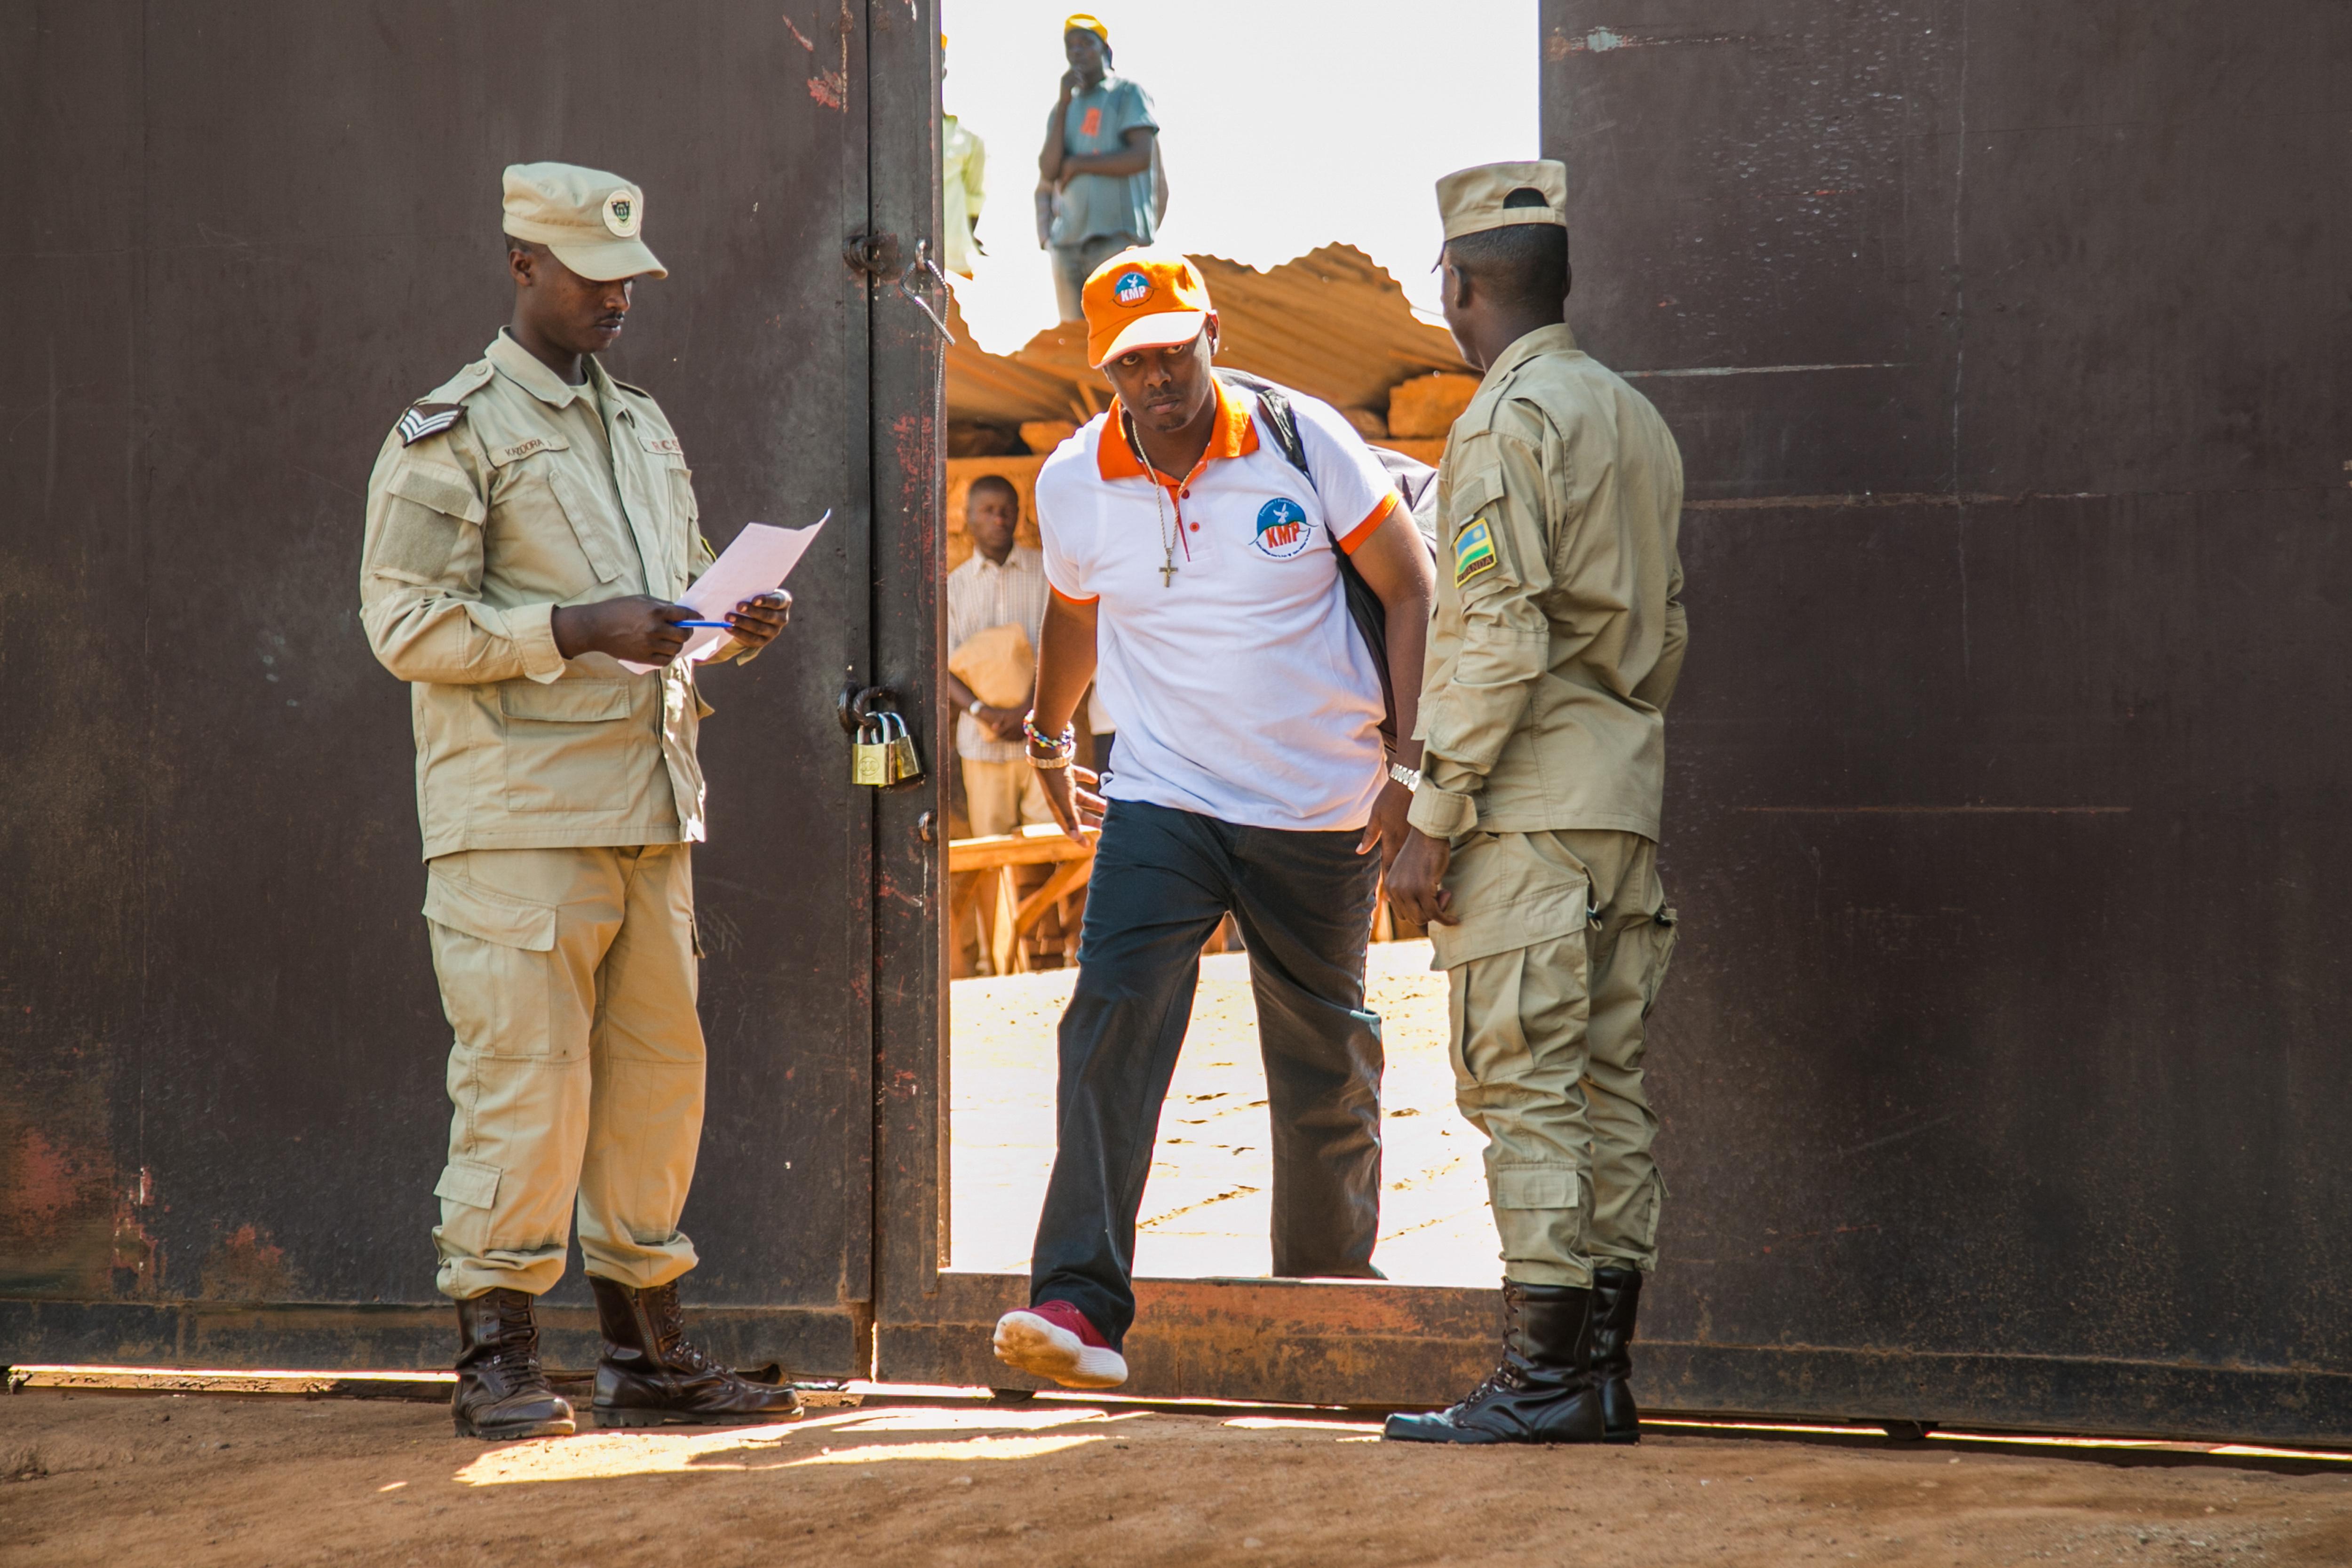 Kiengedtek 2138 embert a börtönből Ruandában, köztük egy ellenzéki vezetőt